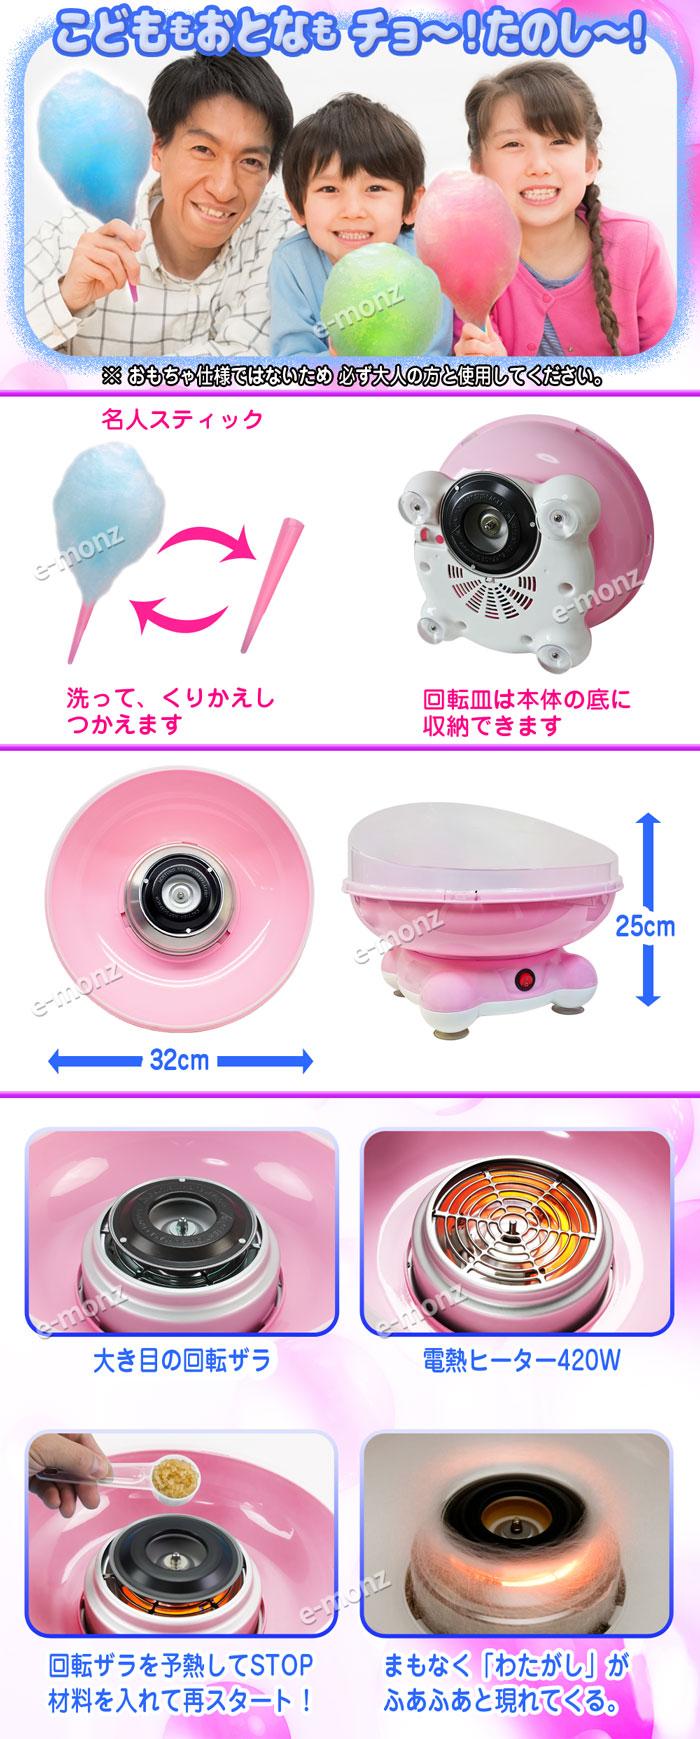 コットンキャンディーメーカー【わたがしアメイジング】ピンク